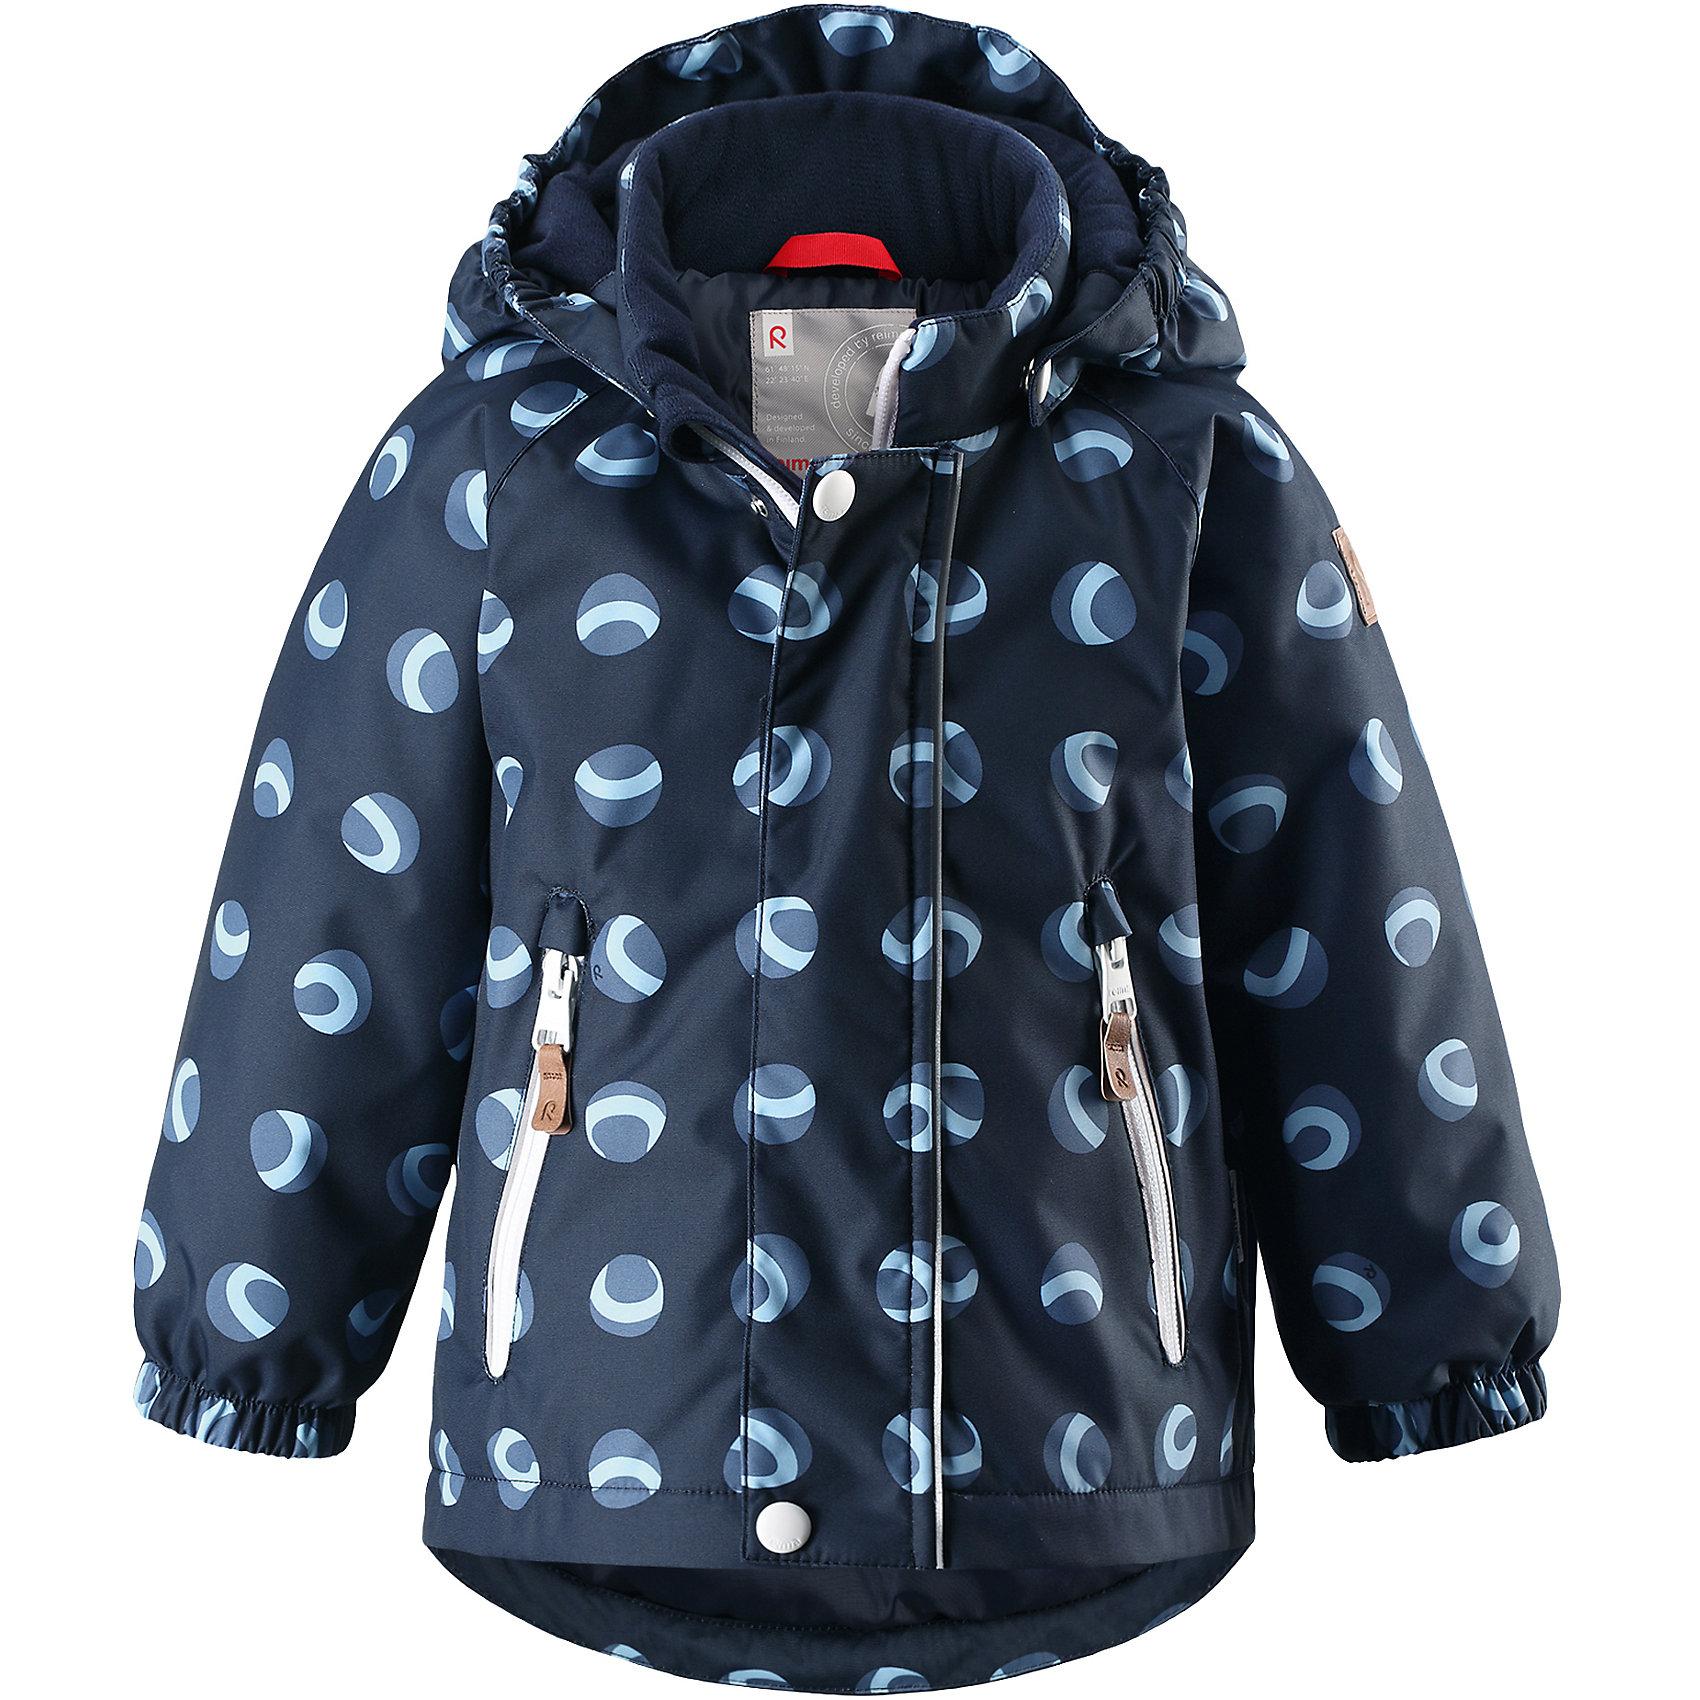 Куртка Ruis Reimatec® ReimaВерхняя одежда<br>Отличная зимняя куртка для малышей! Основные швы в куртке проклеены, а сама она изготовлена из водо- и ветронепроницаемого, грязеотталкивающего материала. Гладкая подкладка и молния во всю длину облегчают надевание. Съемный капюшон защищает от ветра, к тому же он абсолютно безопасен – легко отстегнется, если вдруг за что-нибудь зацепится. Маленькие карманы на молнии надежно сохранят все сокровища.<br>Состав:<br>100% Полиэстер<br><br>Ширина мм: 356<br>Глубина мм: 10<br>Высота мм: 245<br>Вес г: 519<br>Цвет: синий<br>Возраст от месяцев: 24<br>Возраст до месяцев: 36<br>Пол: Унисекс<br>Возраст: Детский<br>Размер: 98,80,86,92<br>SKU: 6968442